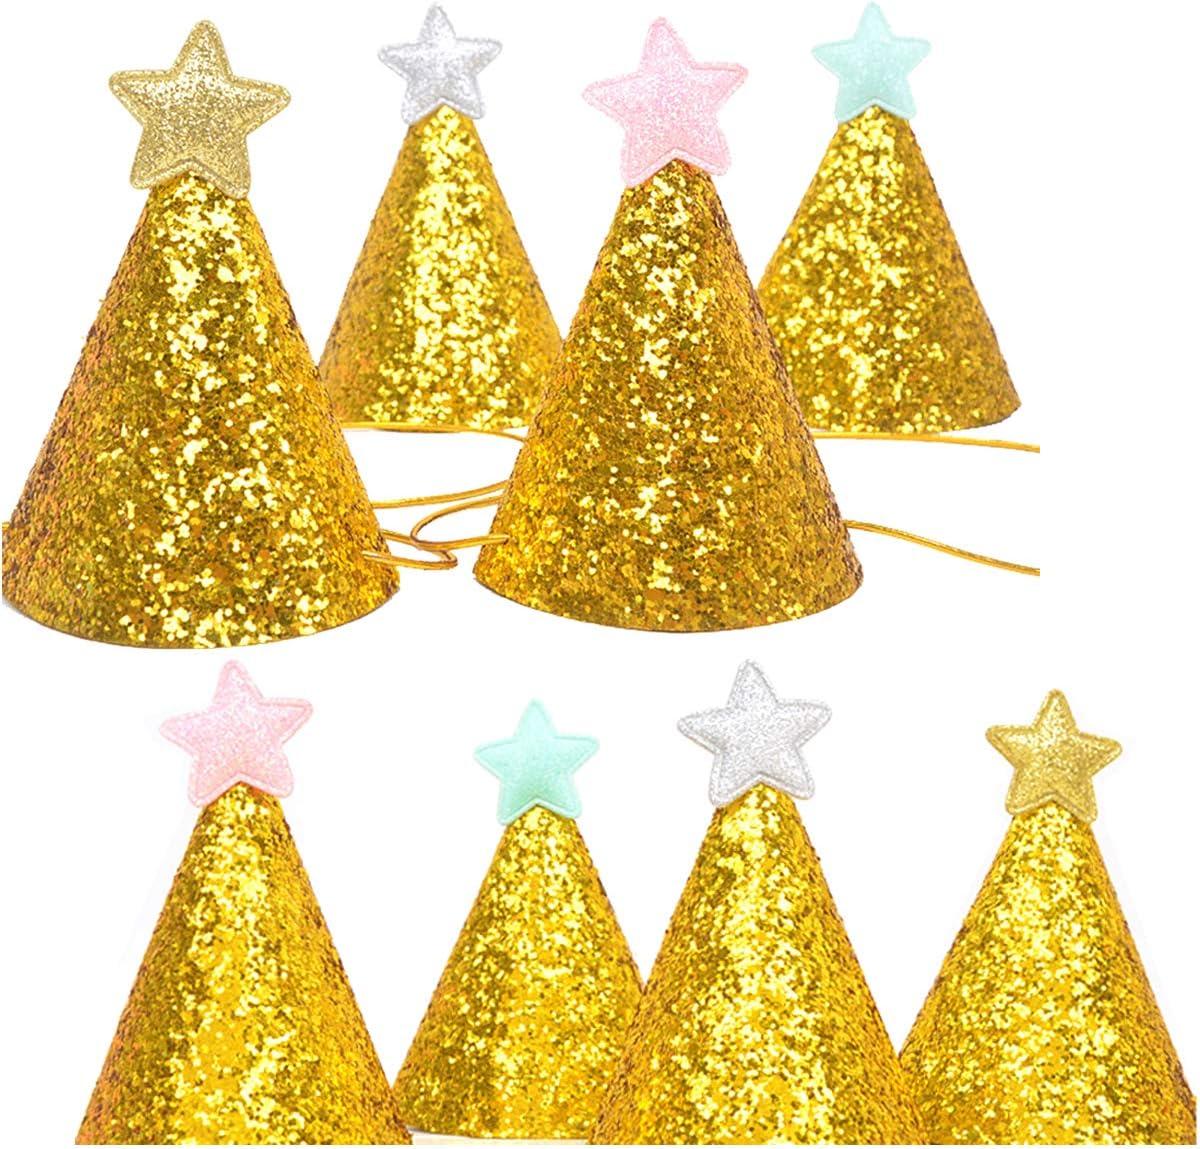 Liwein Sombrero de Fiesta de Cumpleaños Gorros de Fiesta Paño de Oro Brillo Sombreros del Cono para Niños Adultos Perro Mascotas Decoración de Celebración de Cumpleaños-8 Piezas